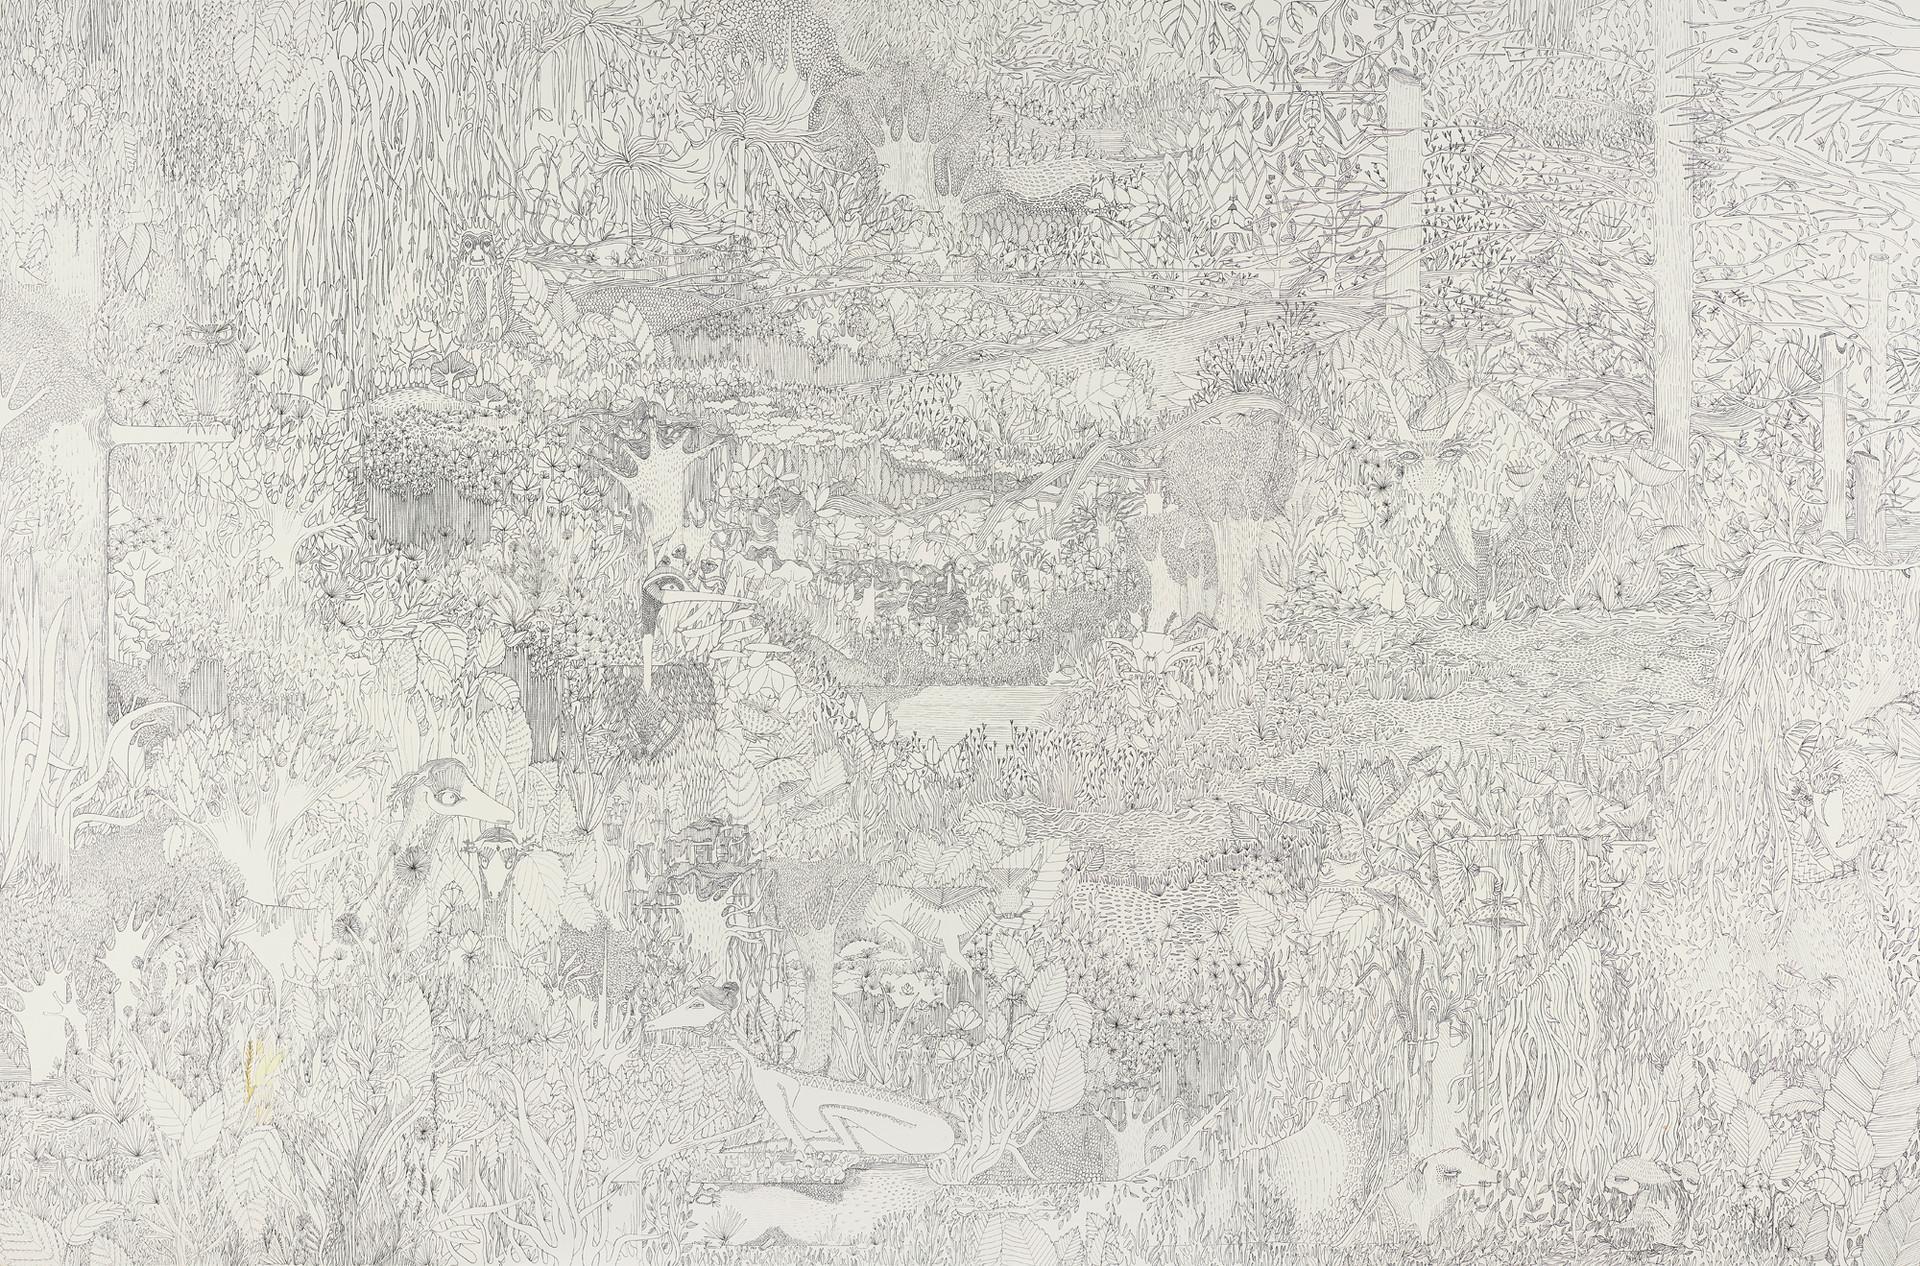 Jungle et occupants // 120 x 80 cm